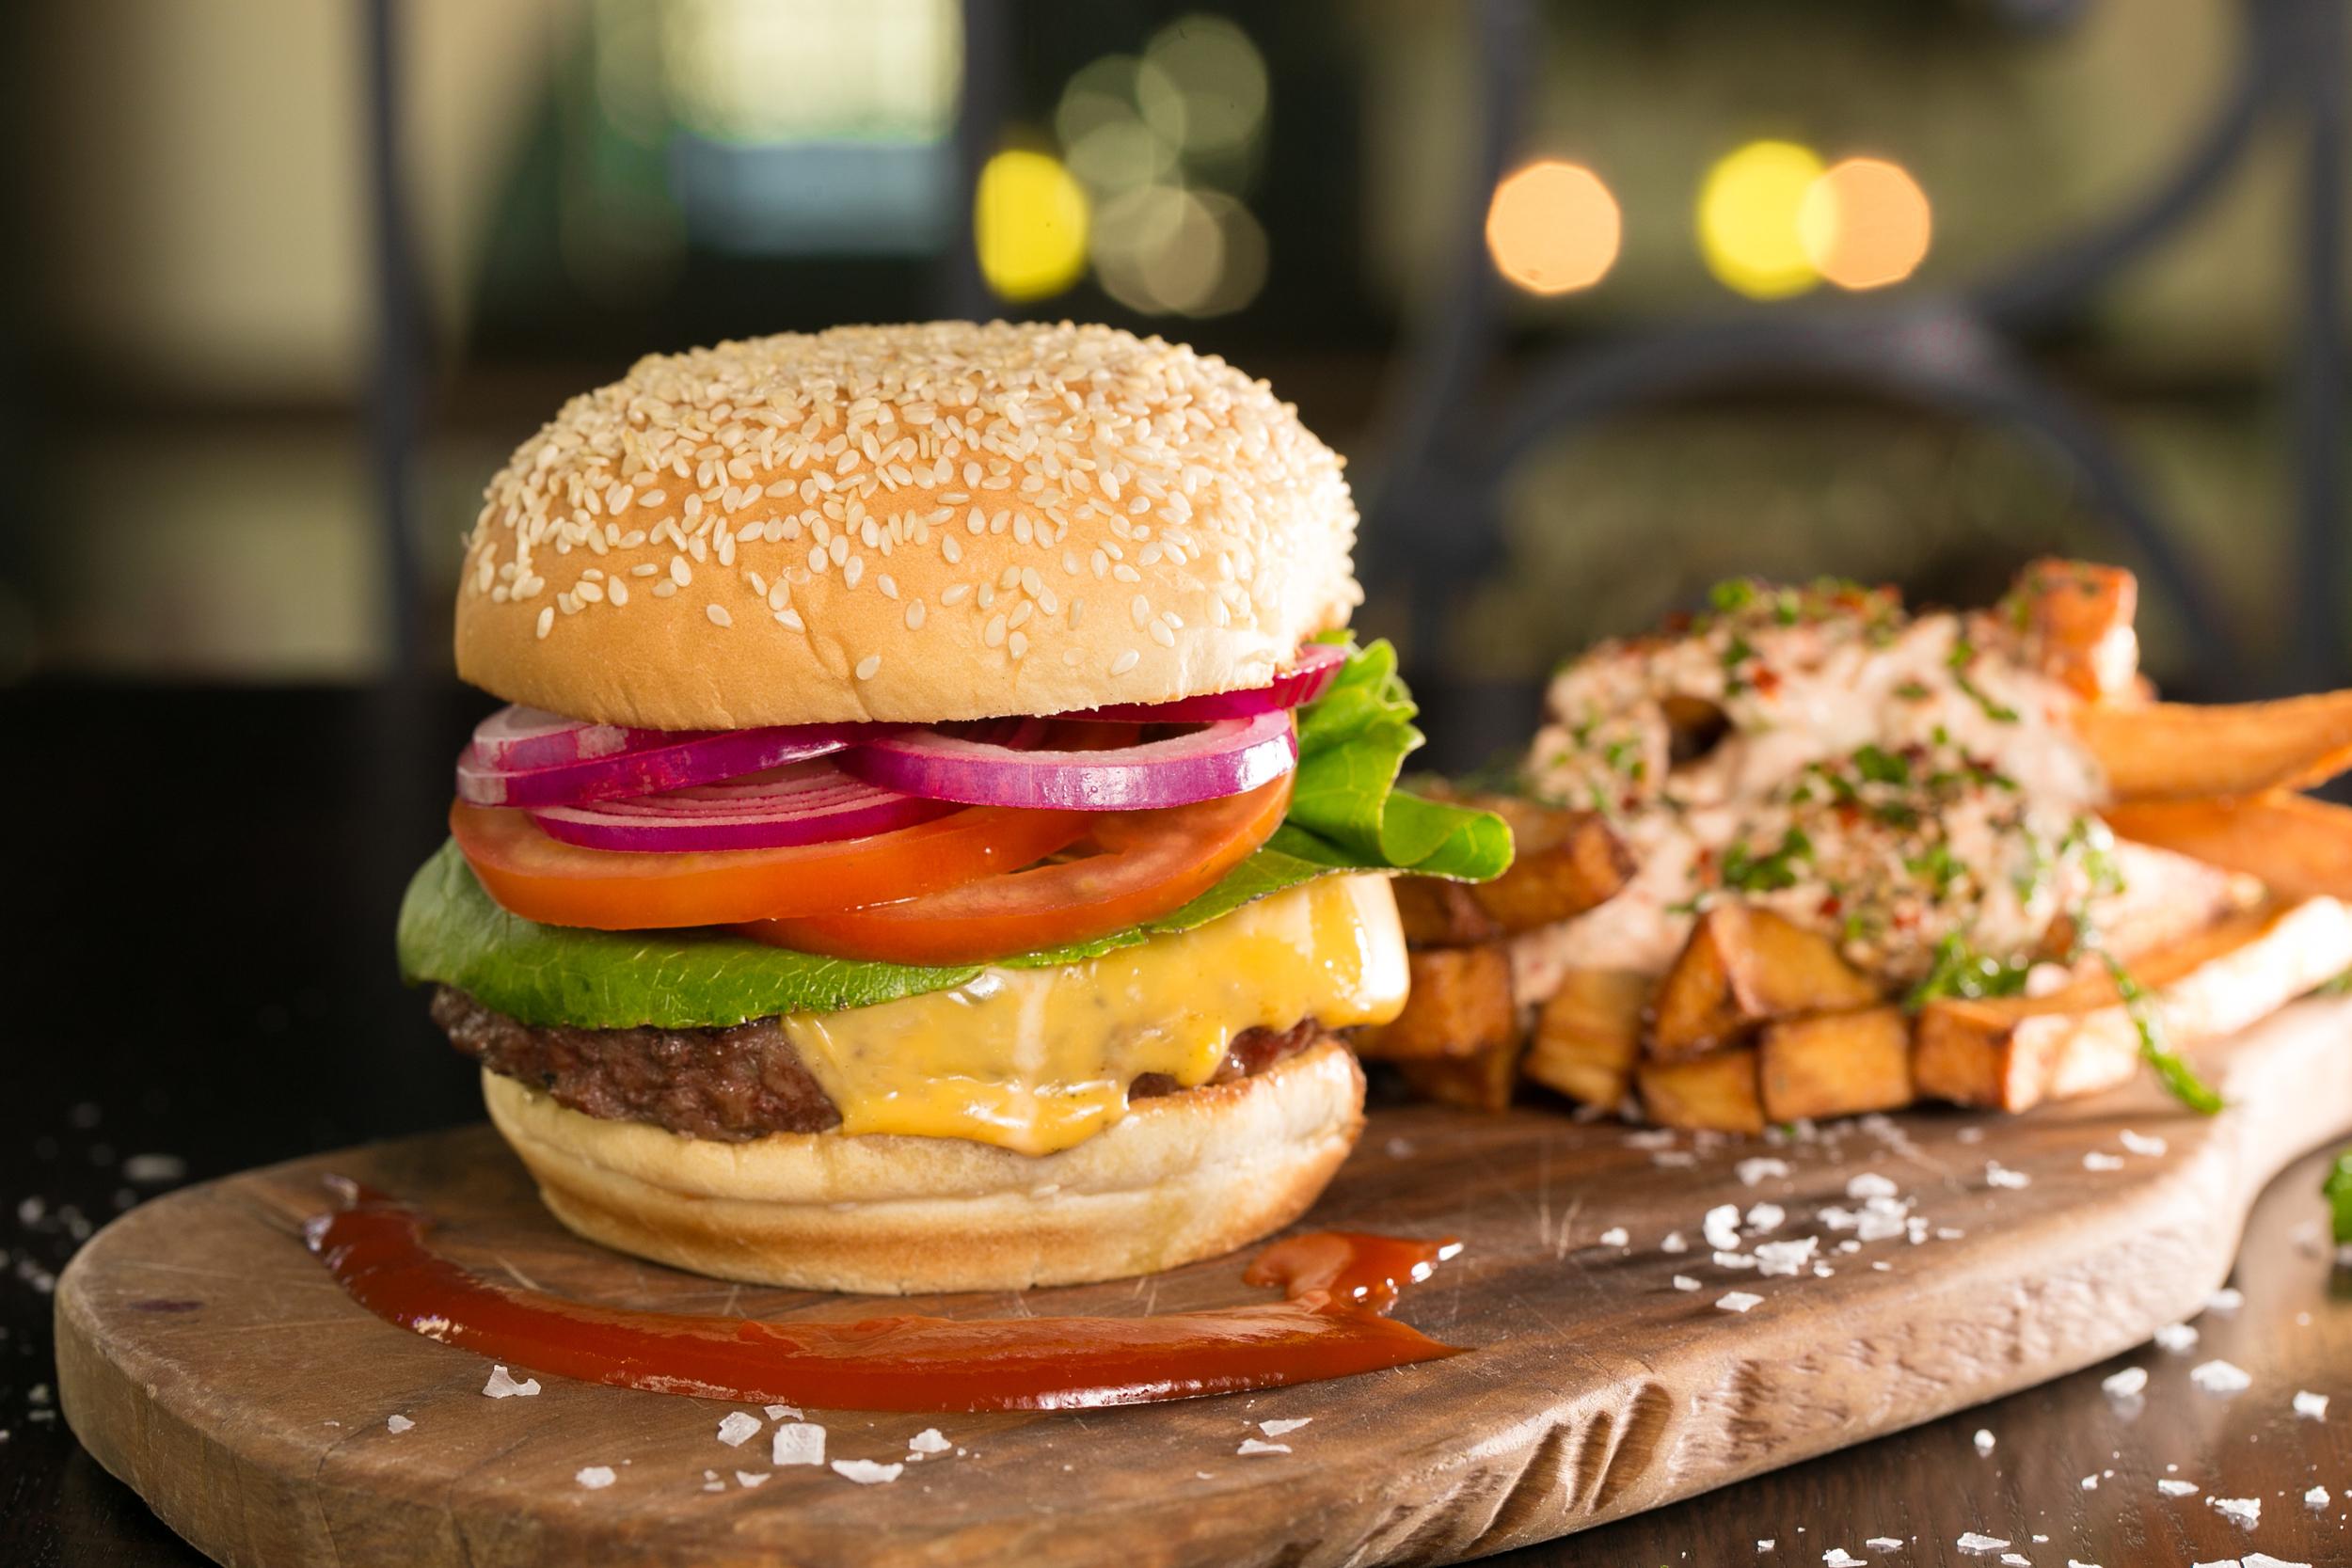 HMS_bifteki burger & fried greek potatoes-9261.JPG